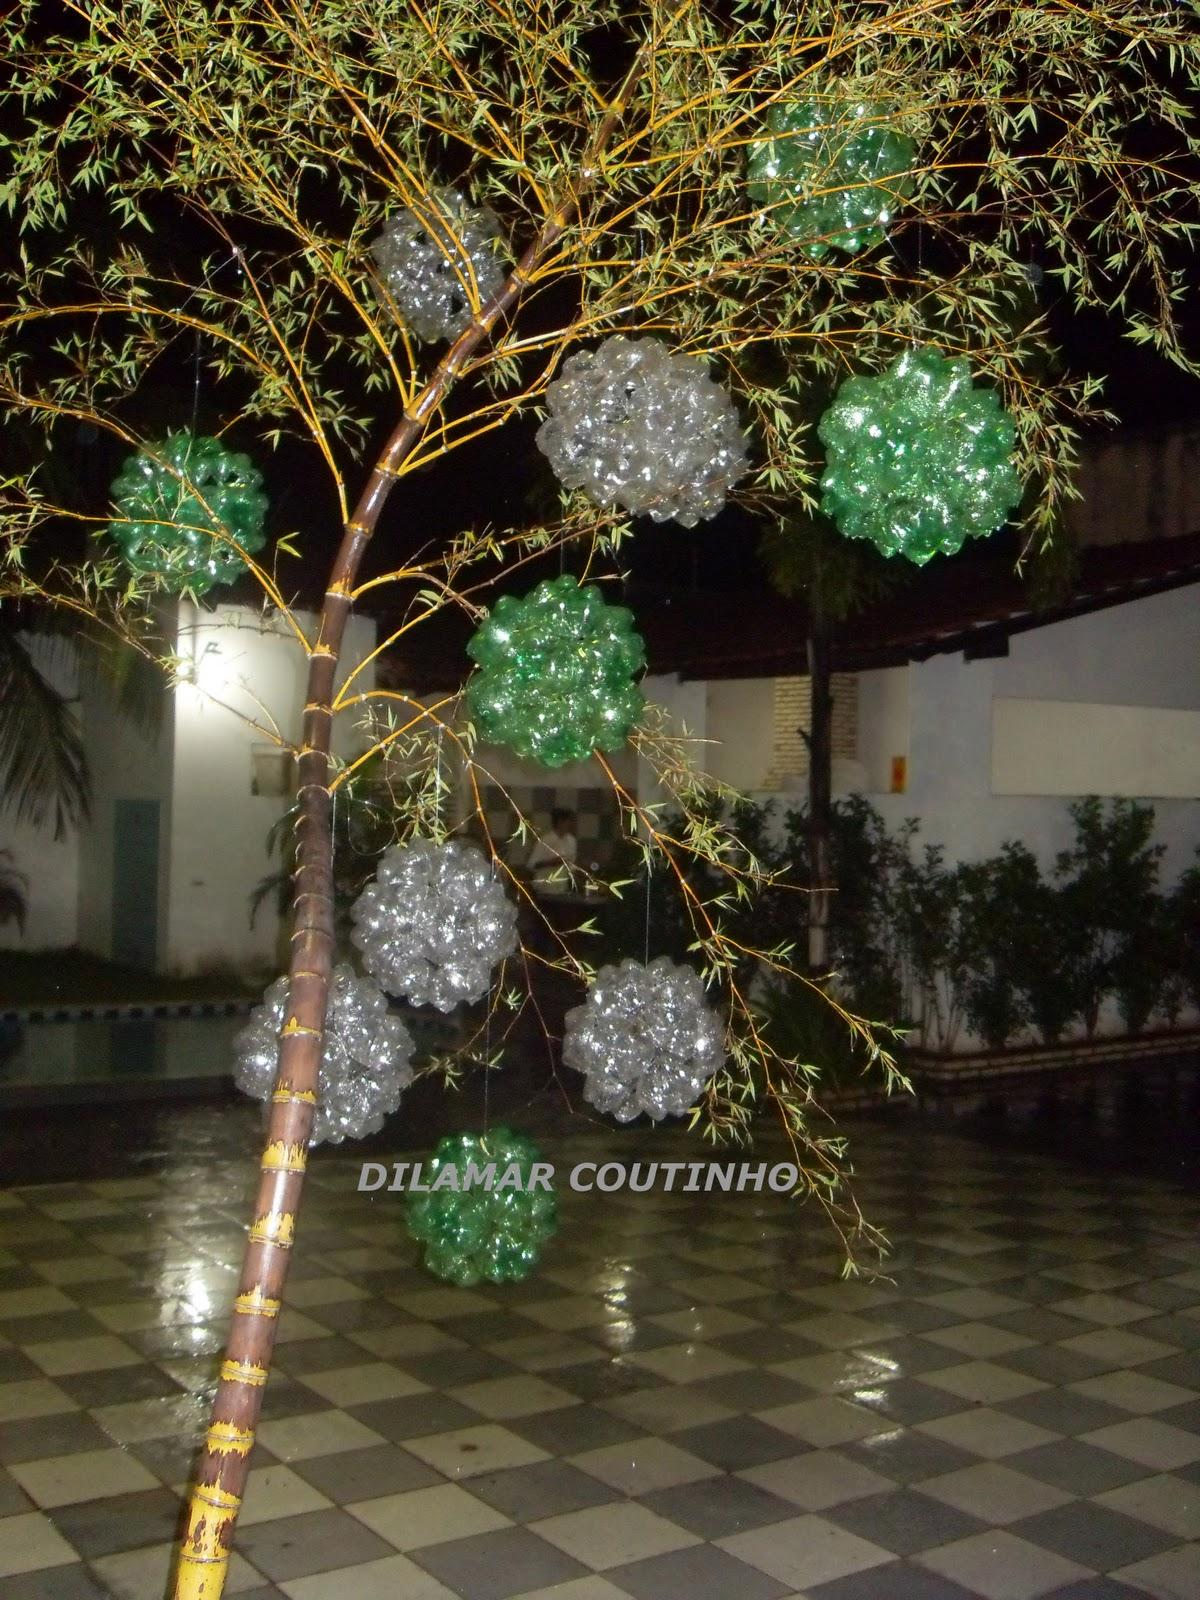 decoracao festa natalina : decoracao festa natalina: foram pendurados nos lustres, em festa de confraternização natalina